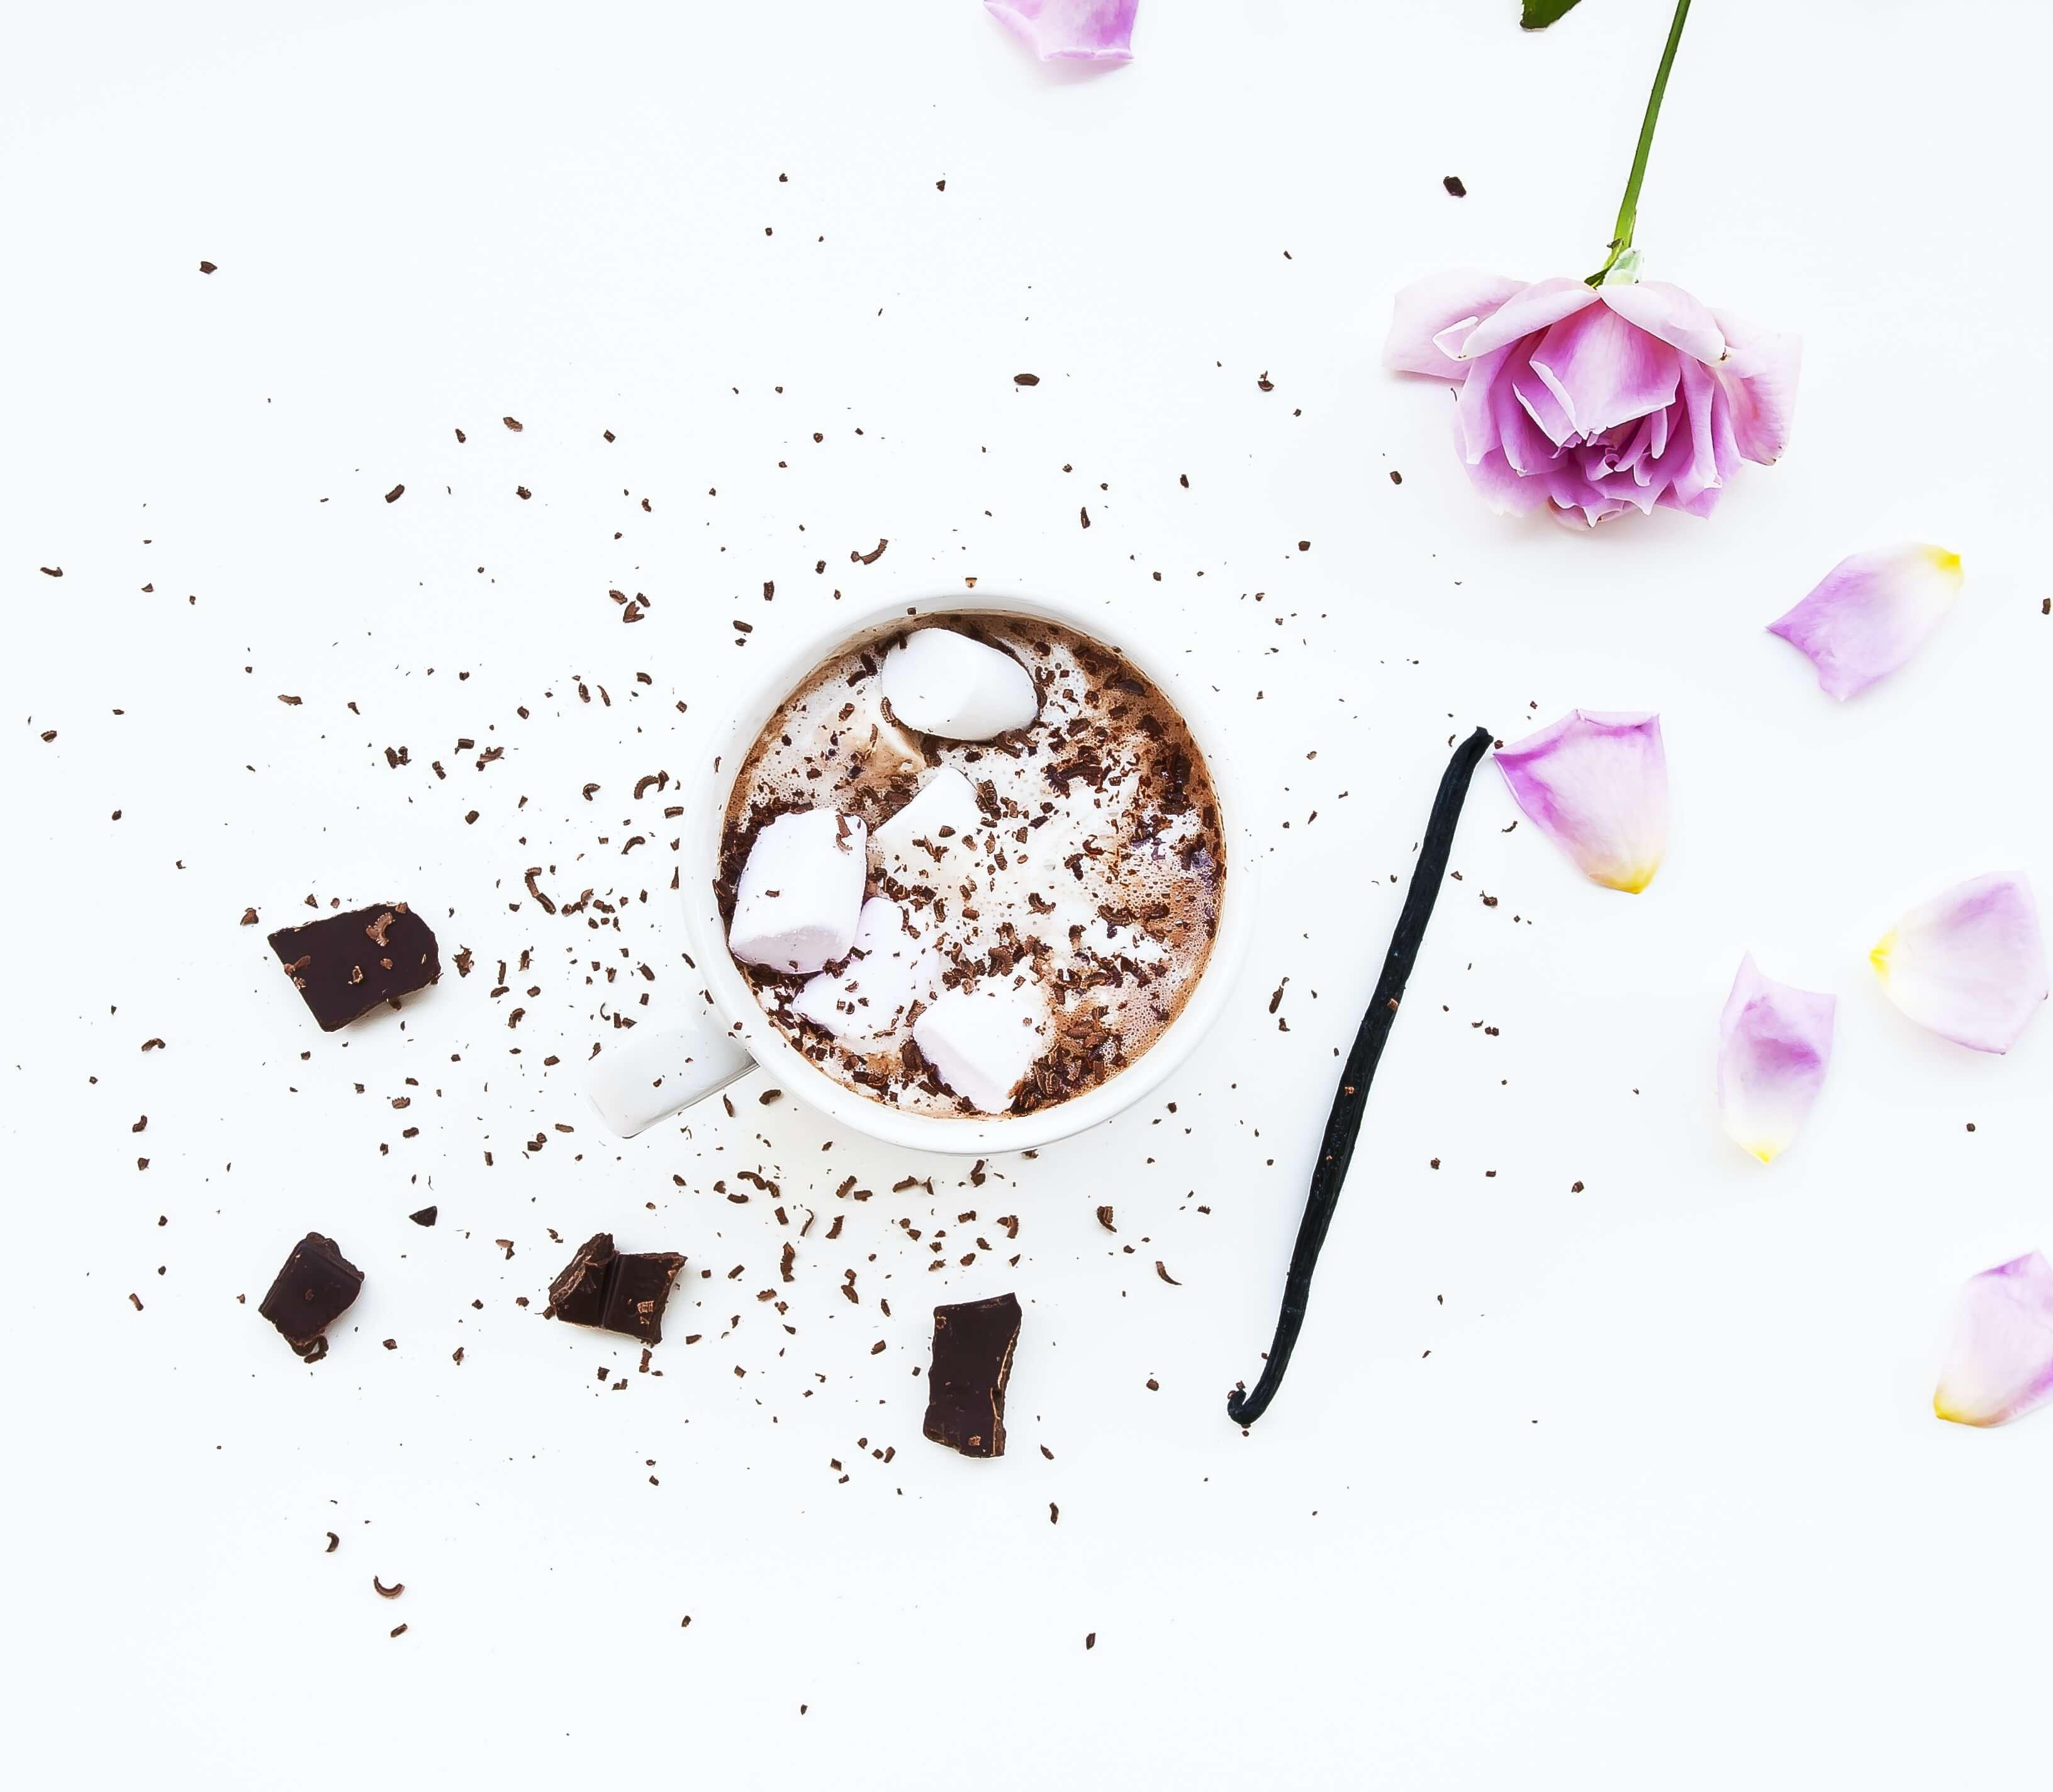 Kaffee mit Vanillegeschmack